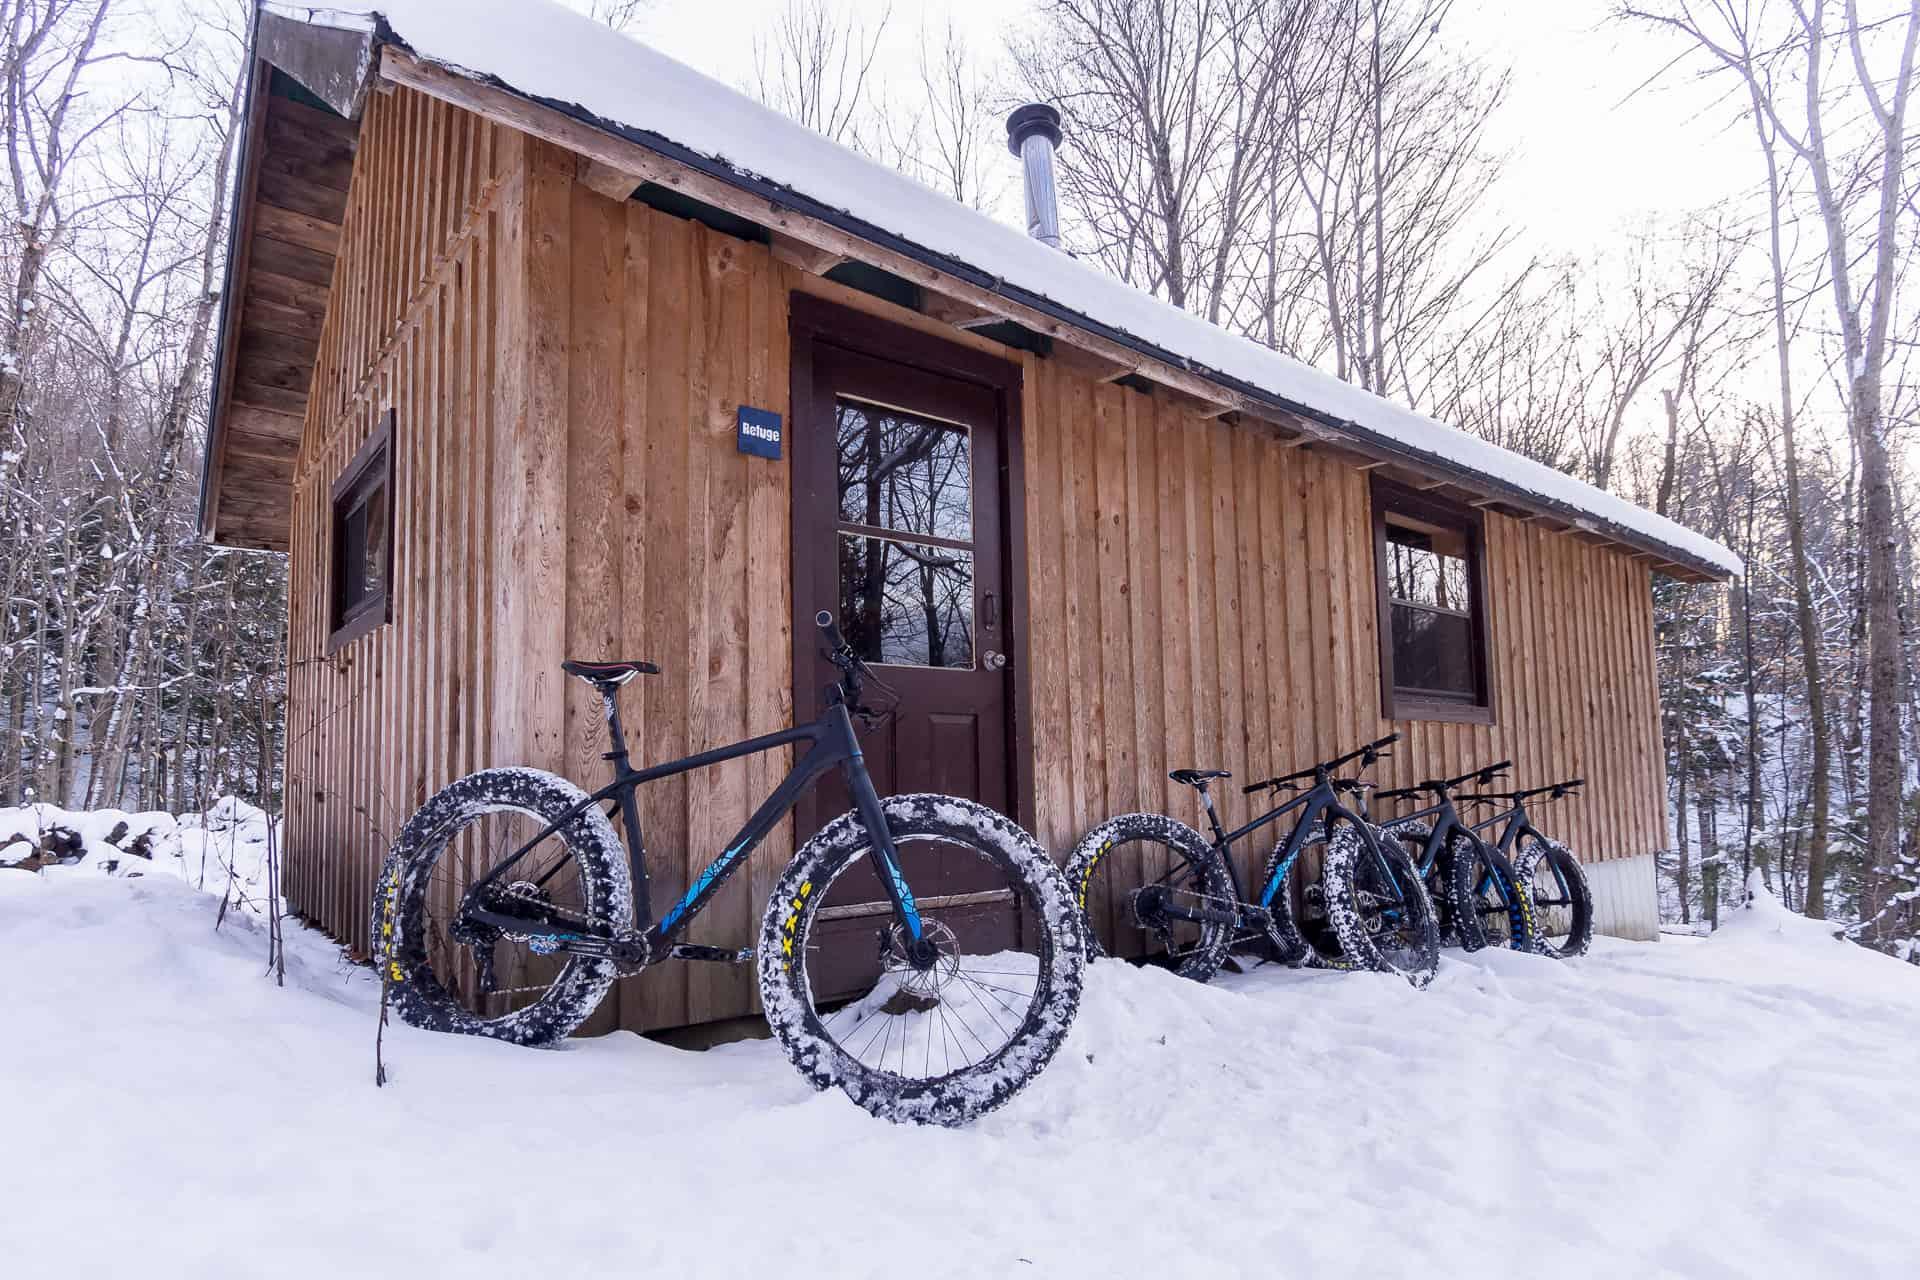 Quatre fatbikes Panorama Chic-Chocs appuyés à un refuge dans un décors d'hiver